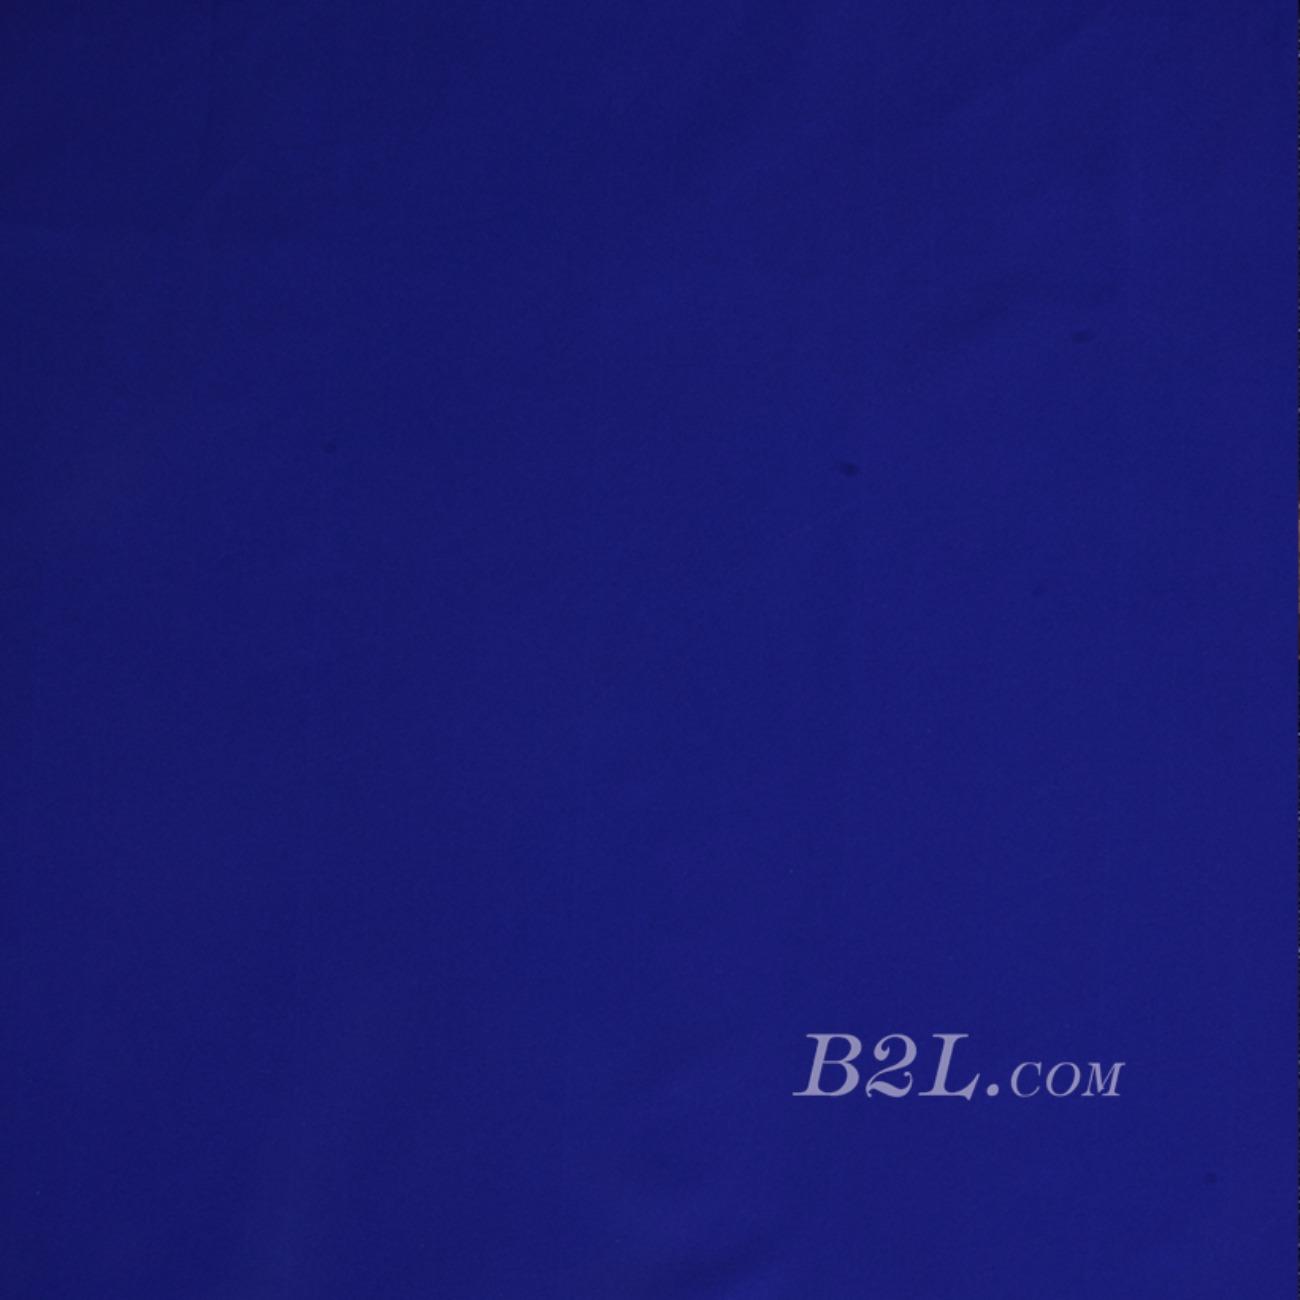 平纹梭织格子染色连衣裙 短裙 衬衫 低弹 春 秋 柔软 双层 70823-2